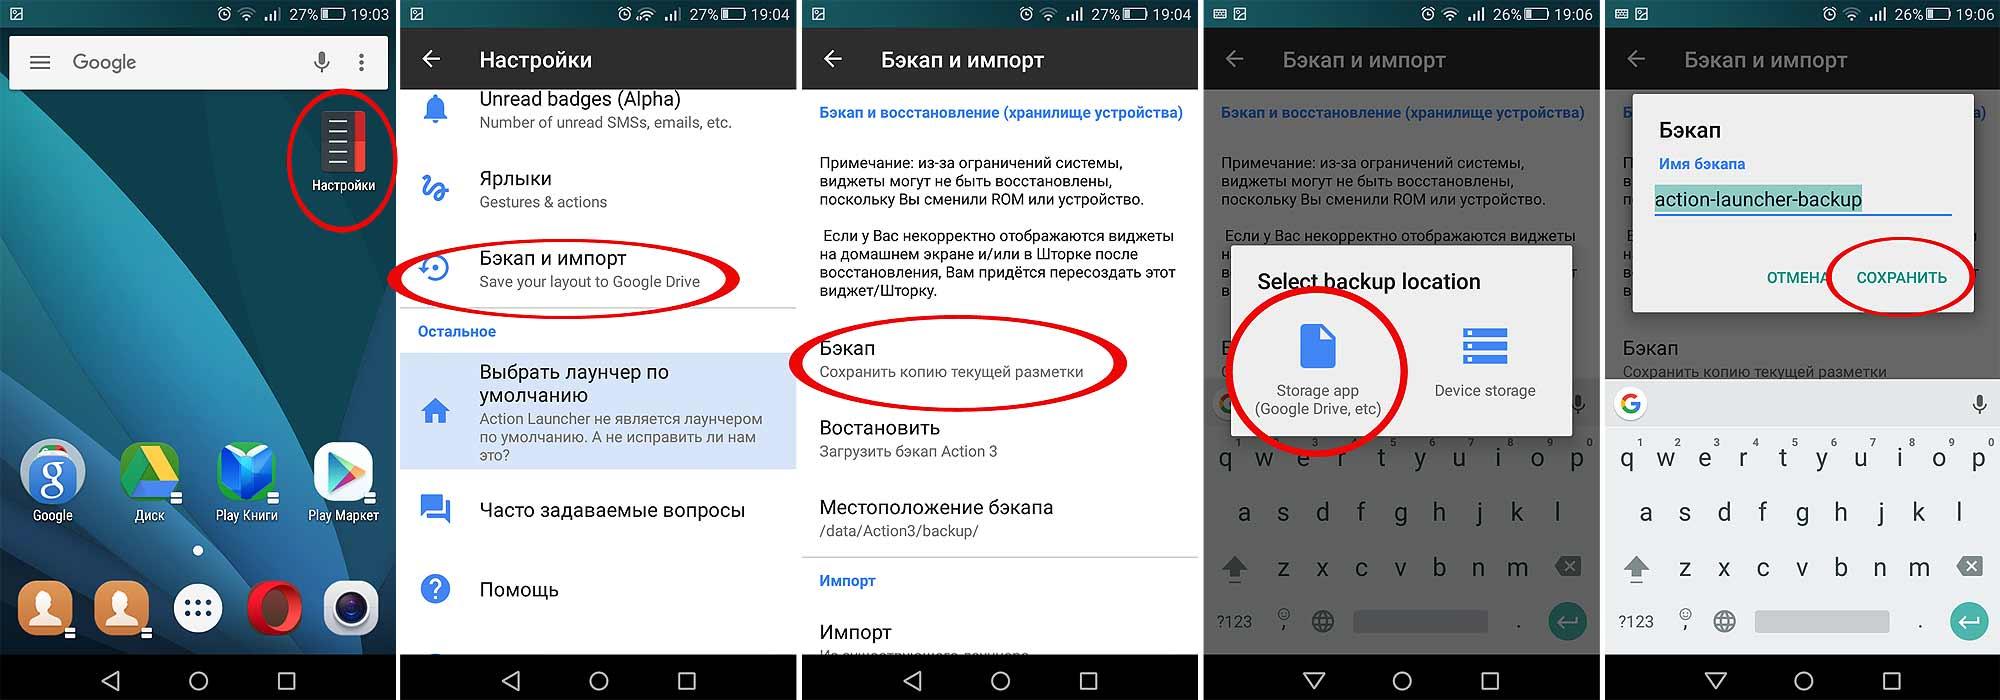 Забэкапить Android-лаунчер: как и зачем это делается - #ActionLauncher3